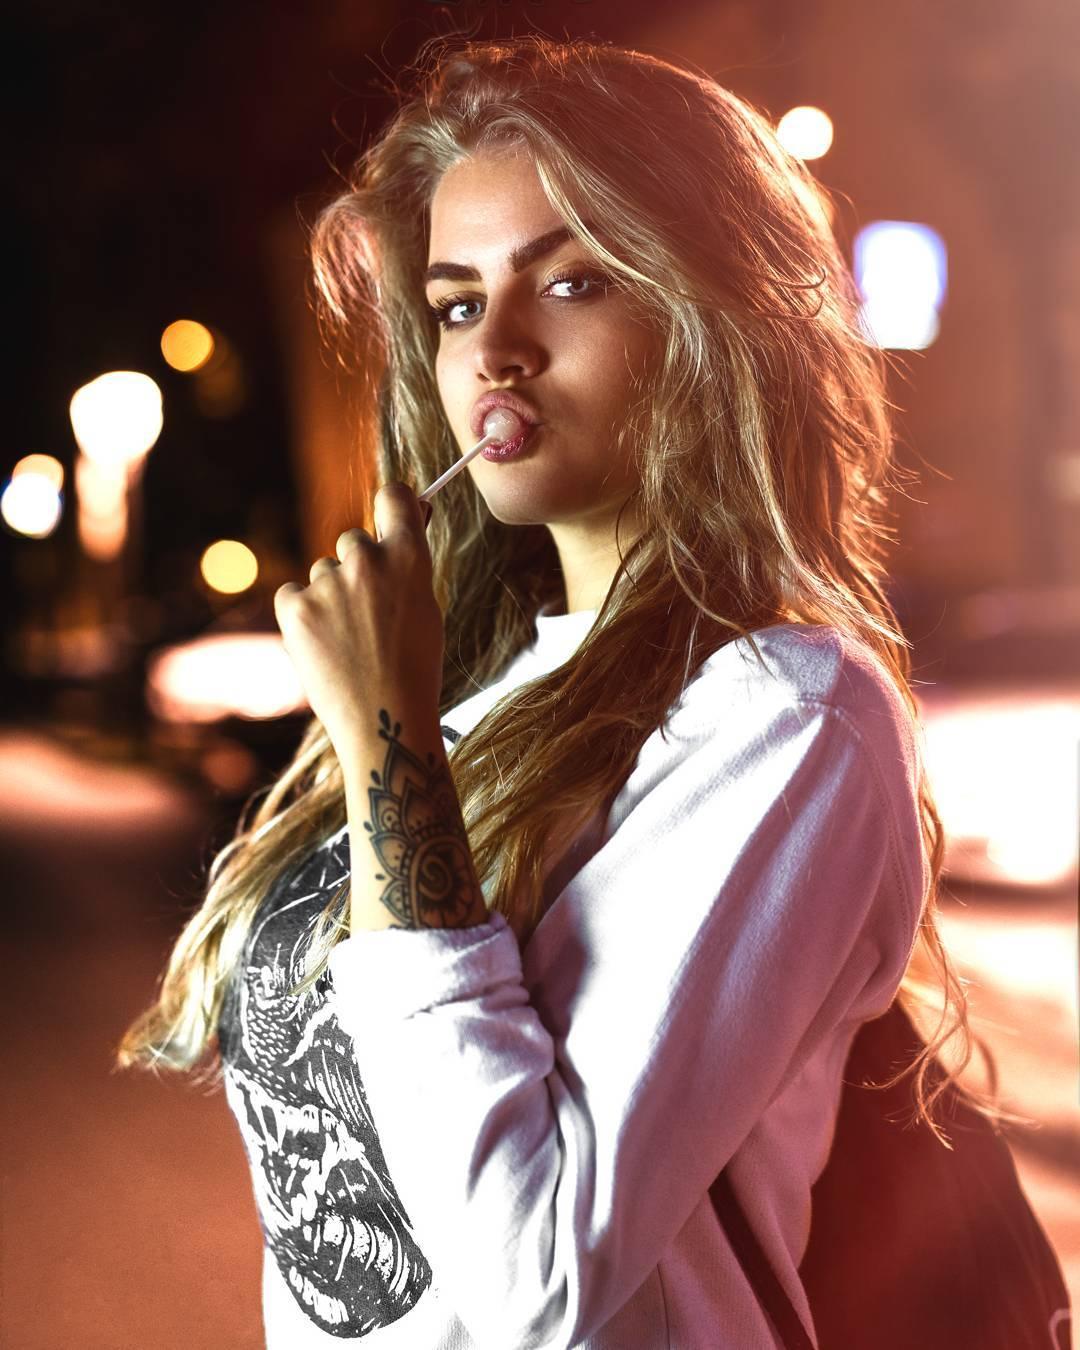 Maravillosos retratos de belleza y lifestyle por Consuelo Sorsoli